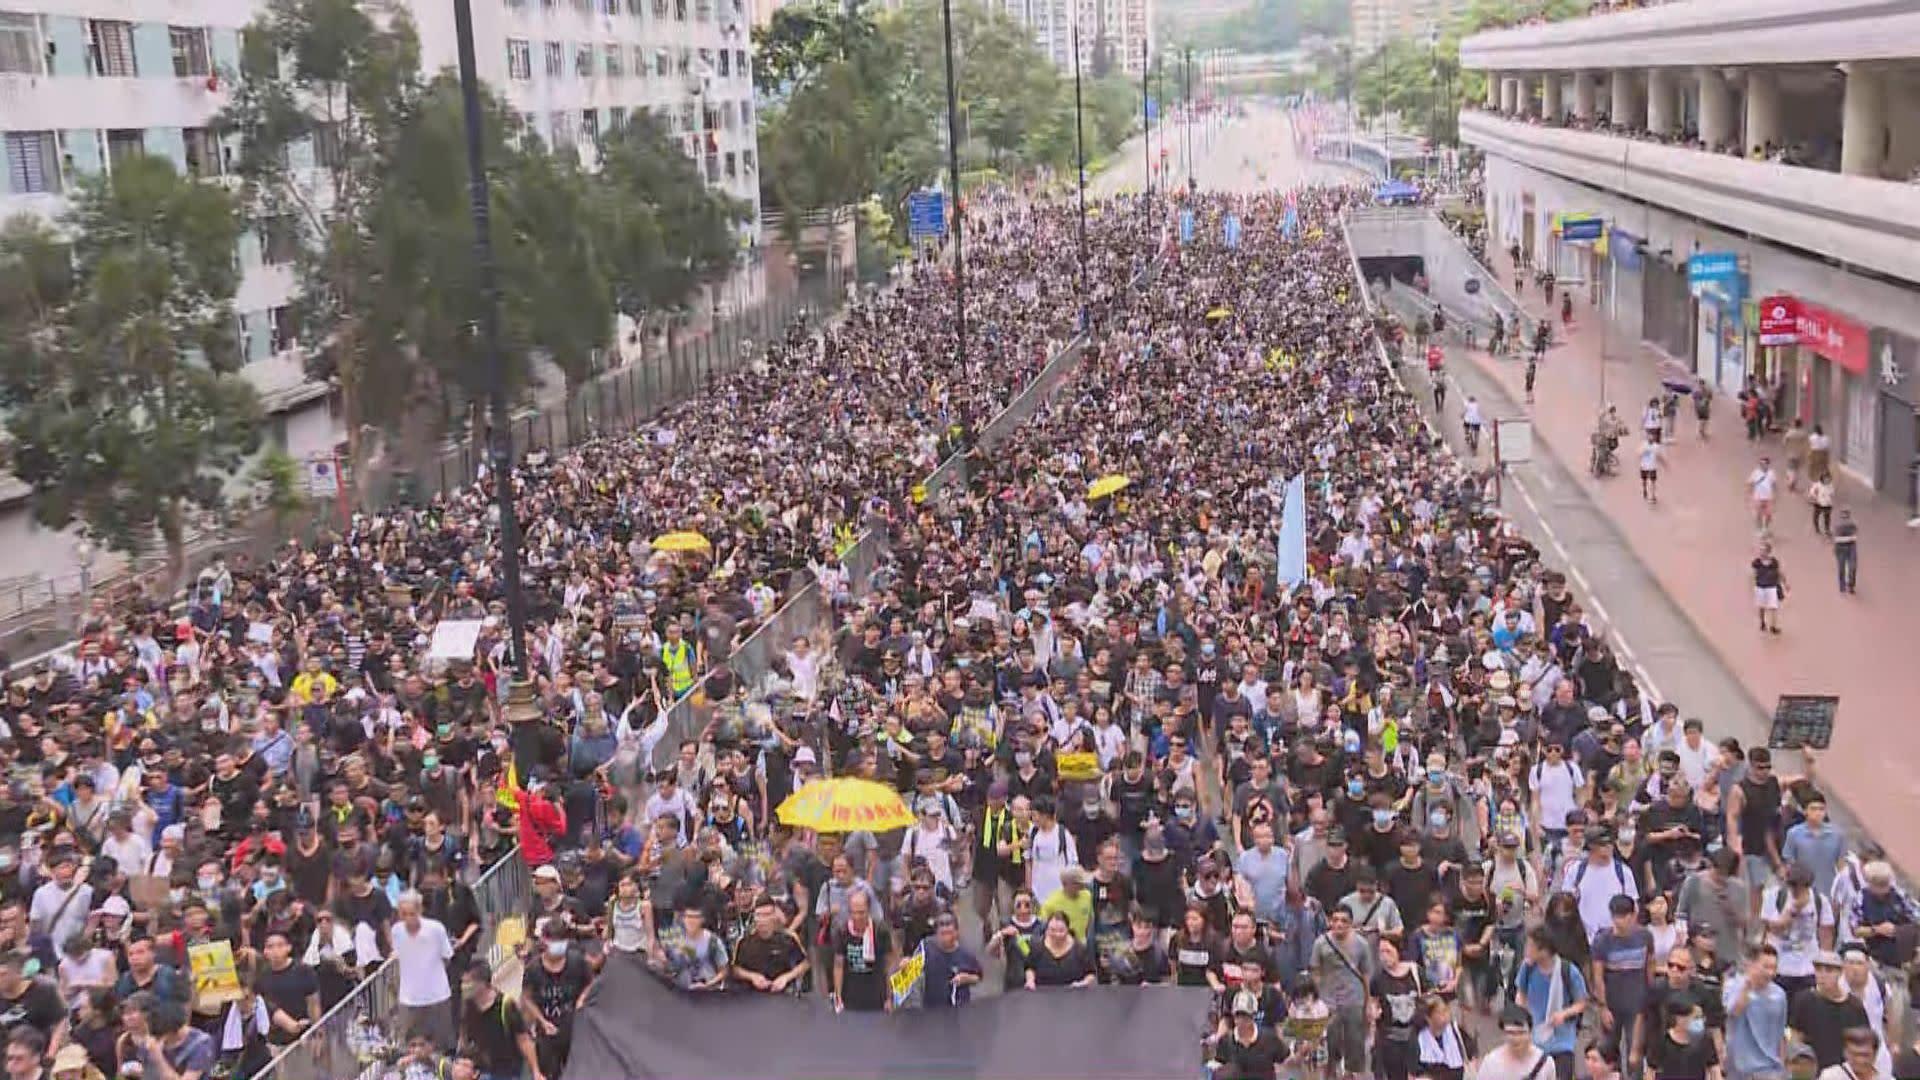 【沙田遊行】大會:11萬5千人參與遊行